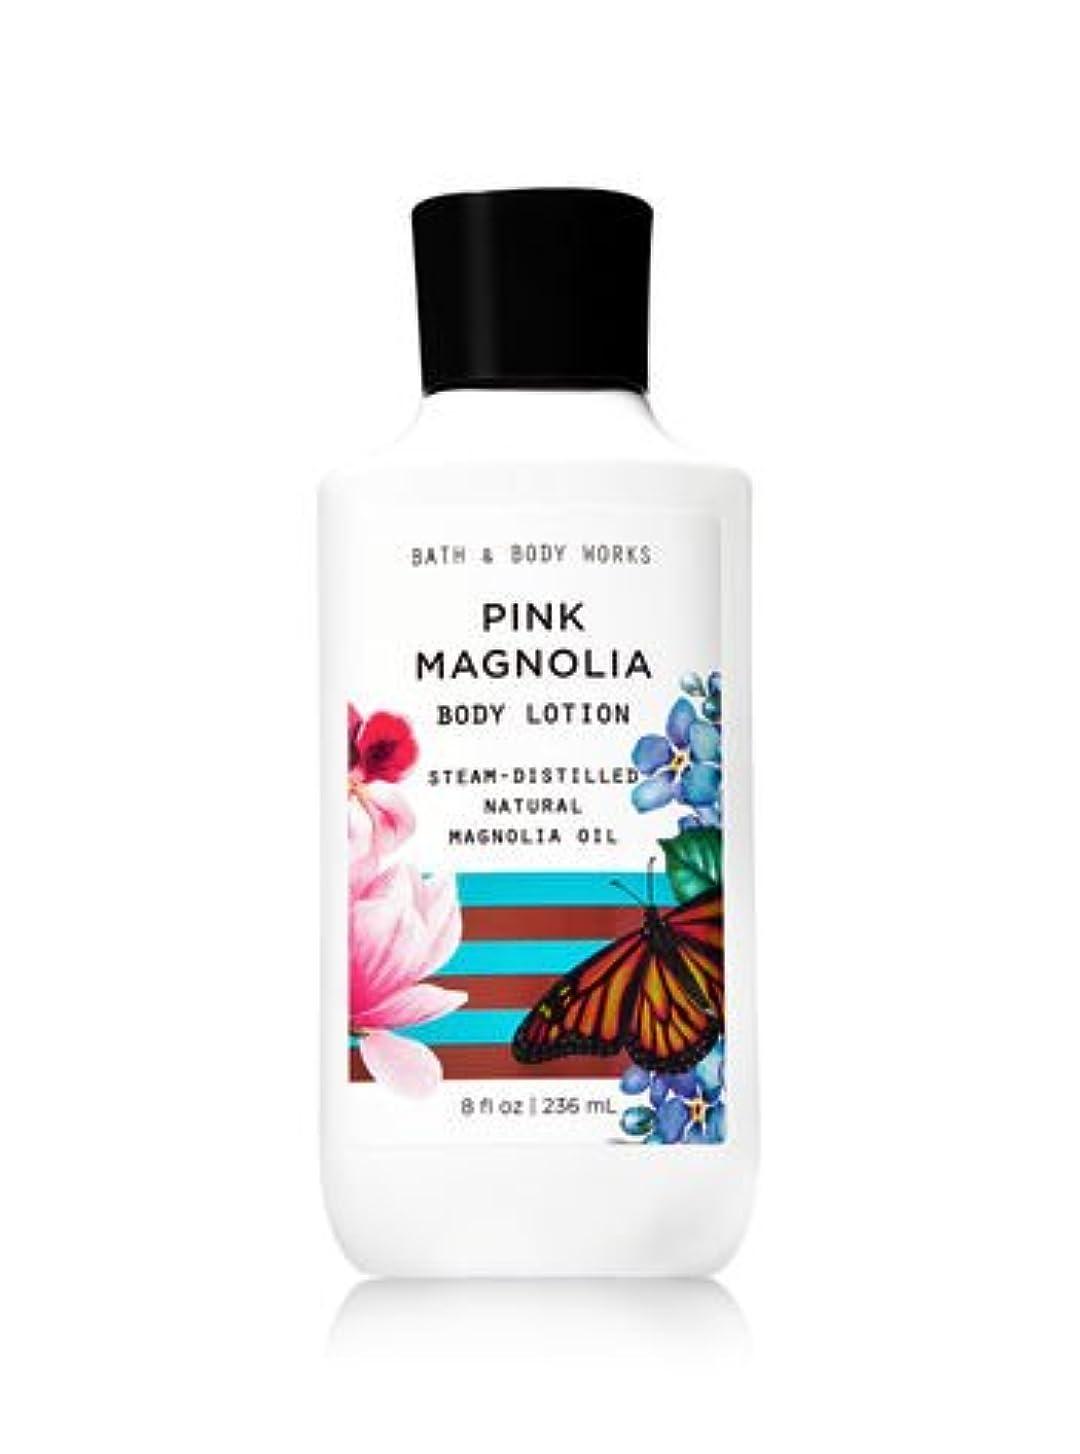 準備した革新真空【Bath&Body Works/バス&ボディワークス】 ボディローション ピンクマグノリア Body Lotion Pink Magnolia 8 fl oz/236 mL [並行輸入品]